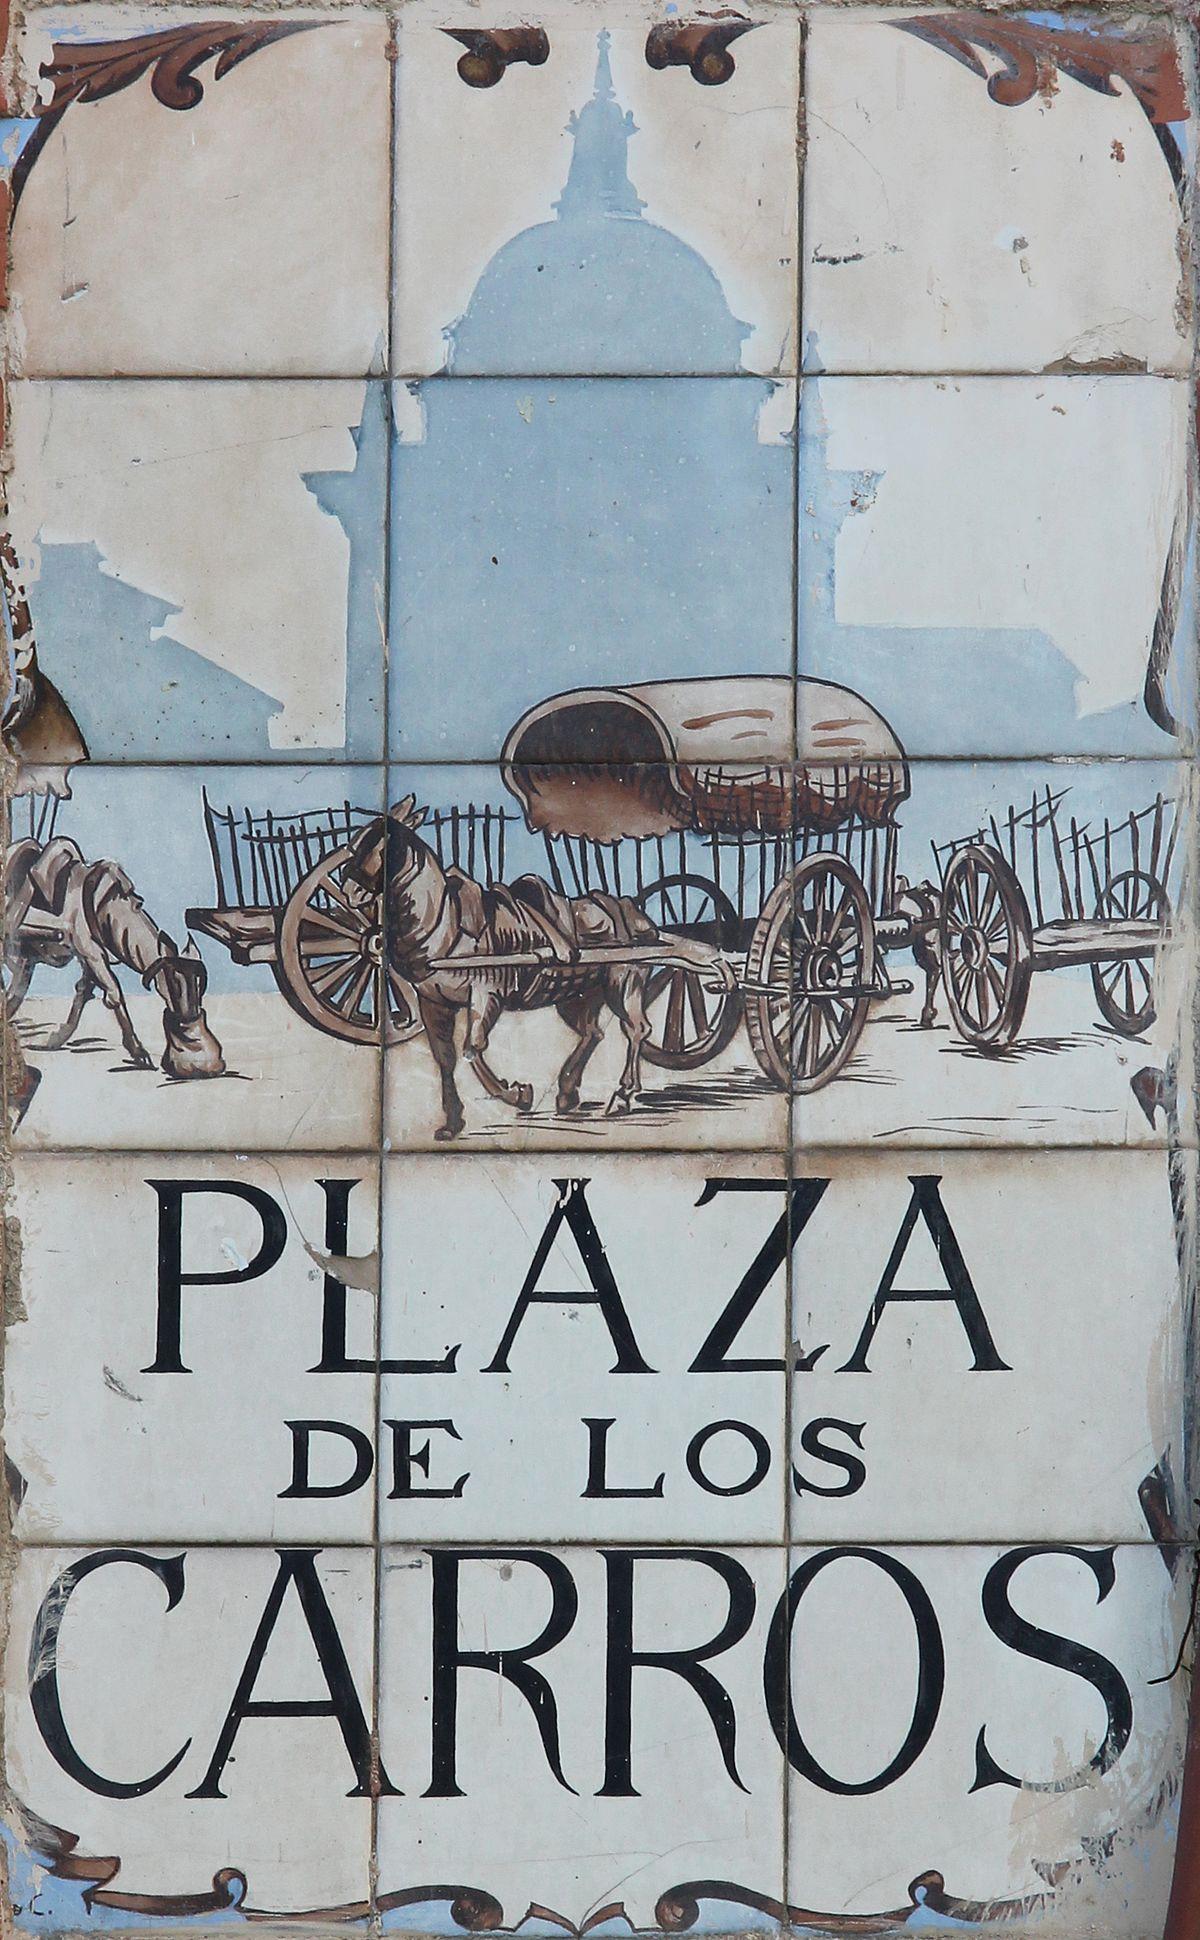 Plaza de los carros wikipedia la enciclopedia libre for Discoteca plaza de los cubos madrid